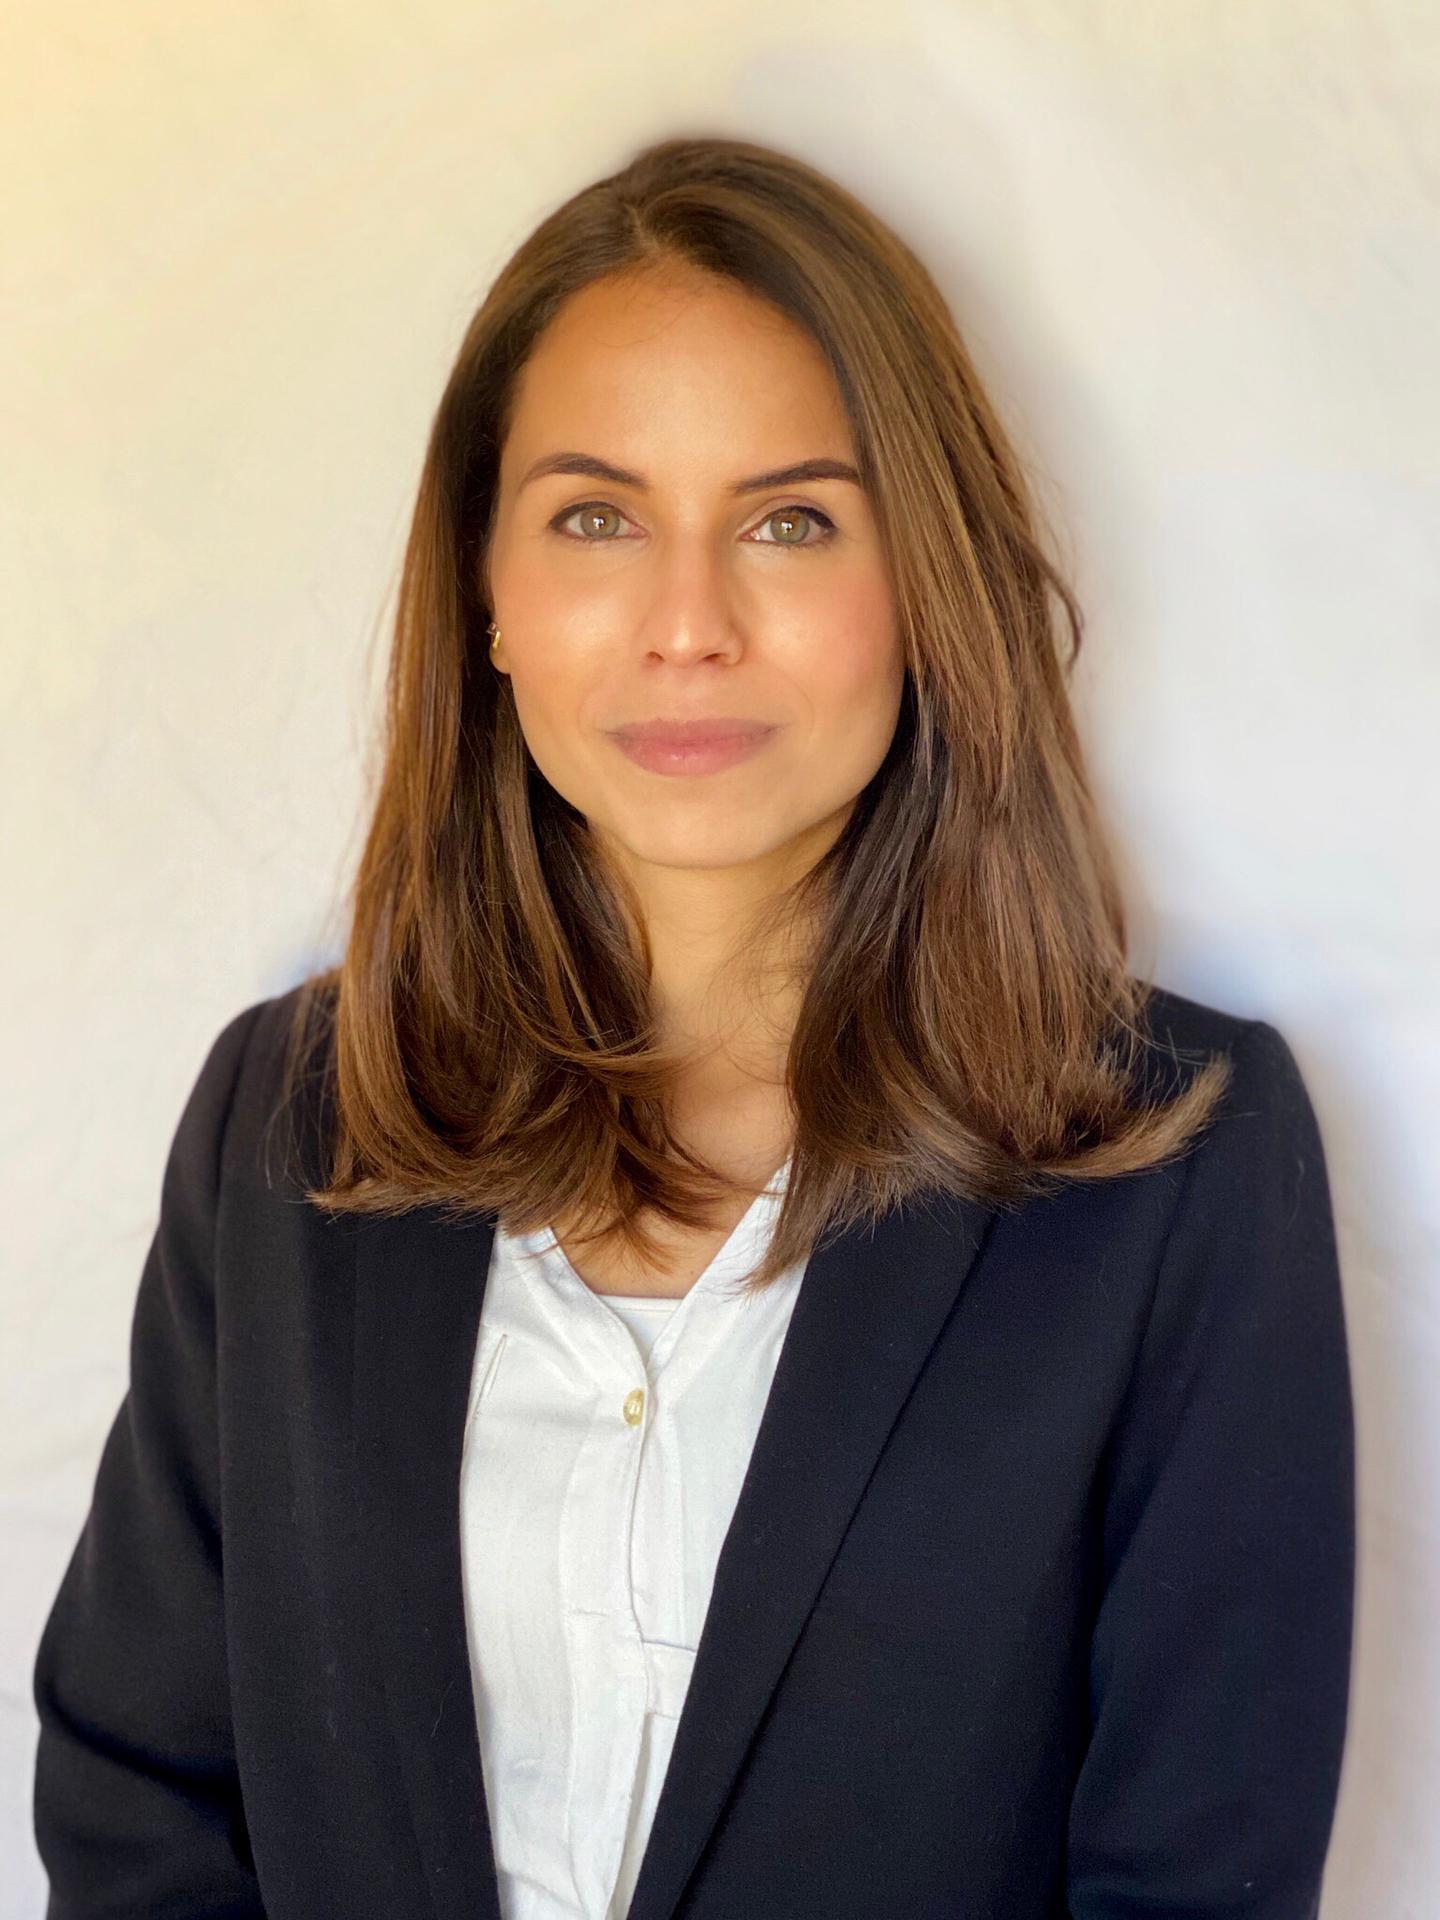 Joana Cortez